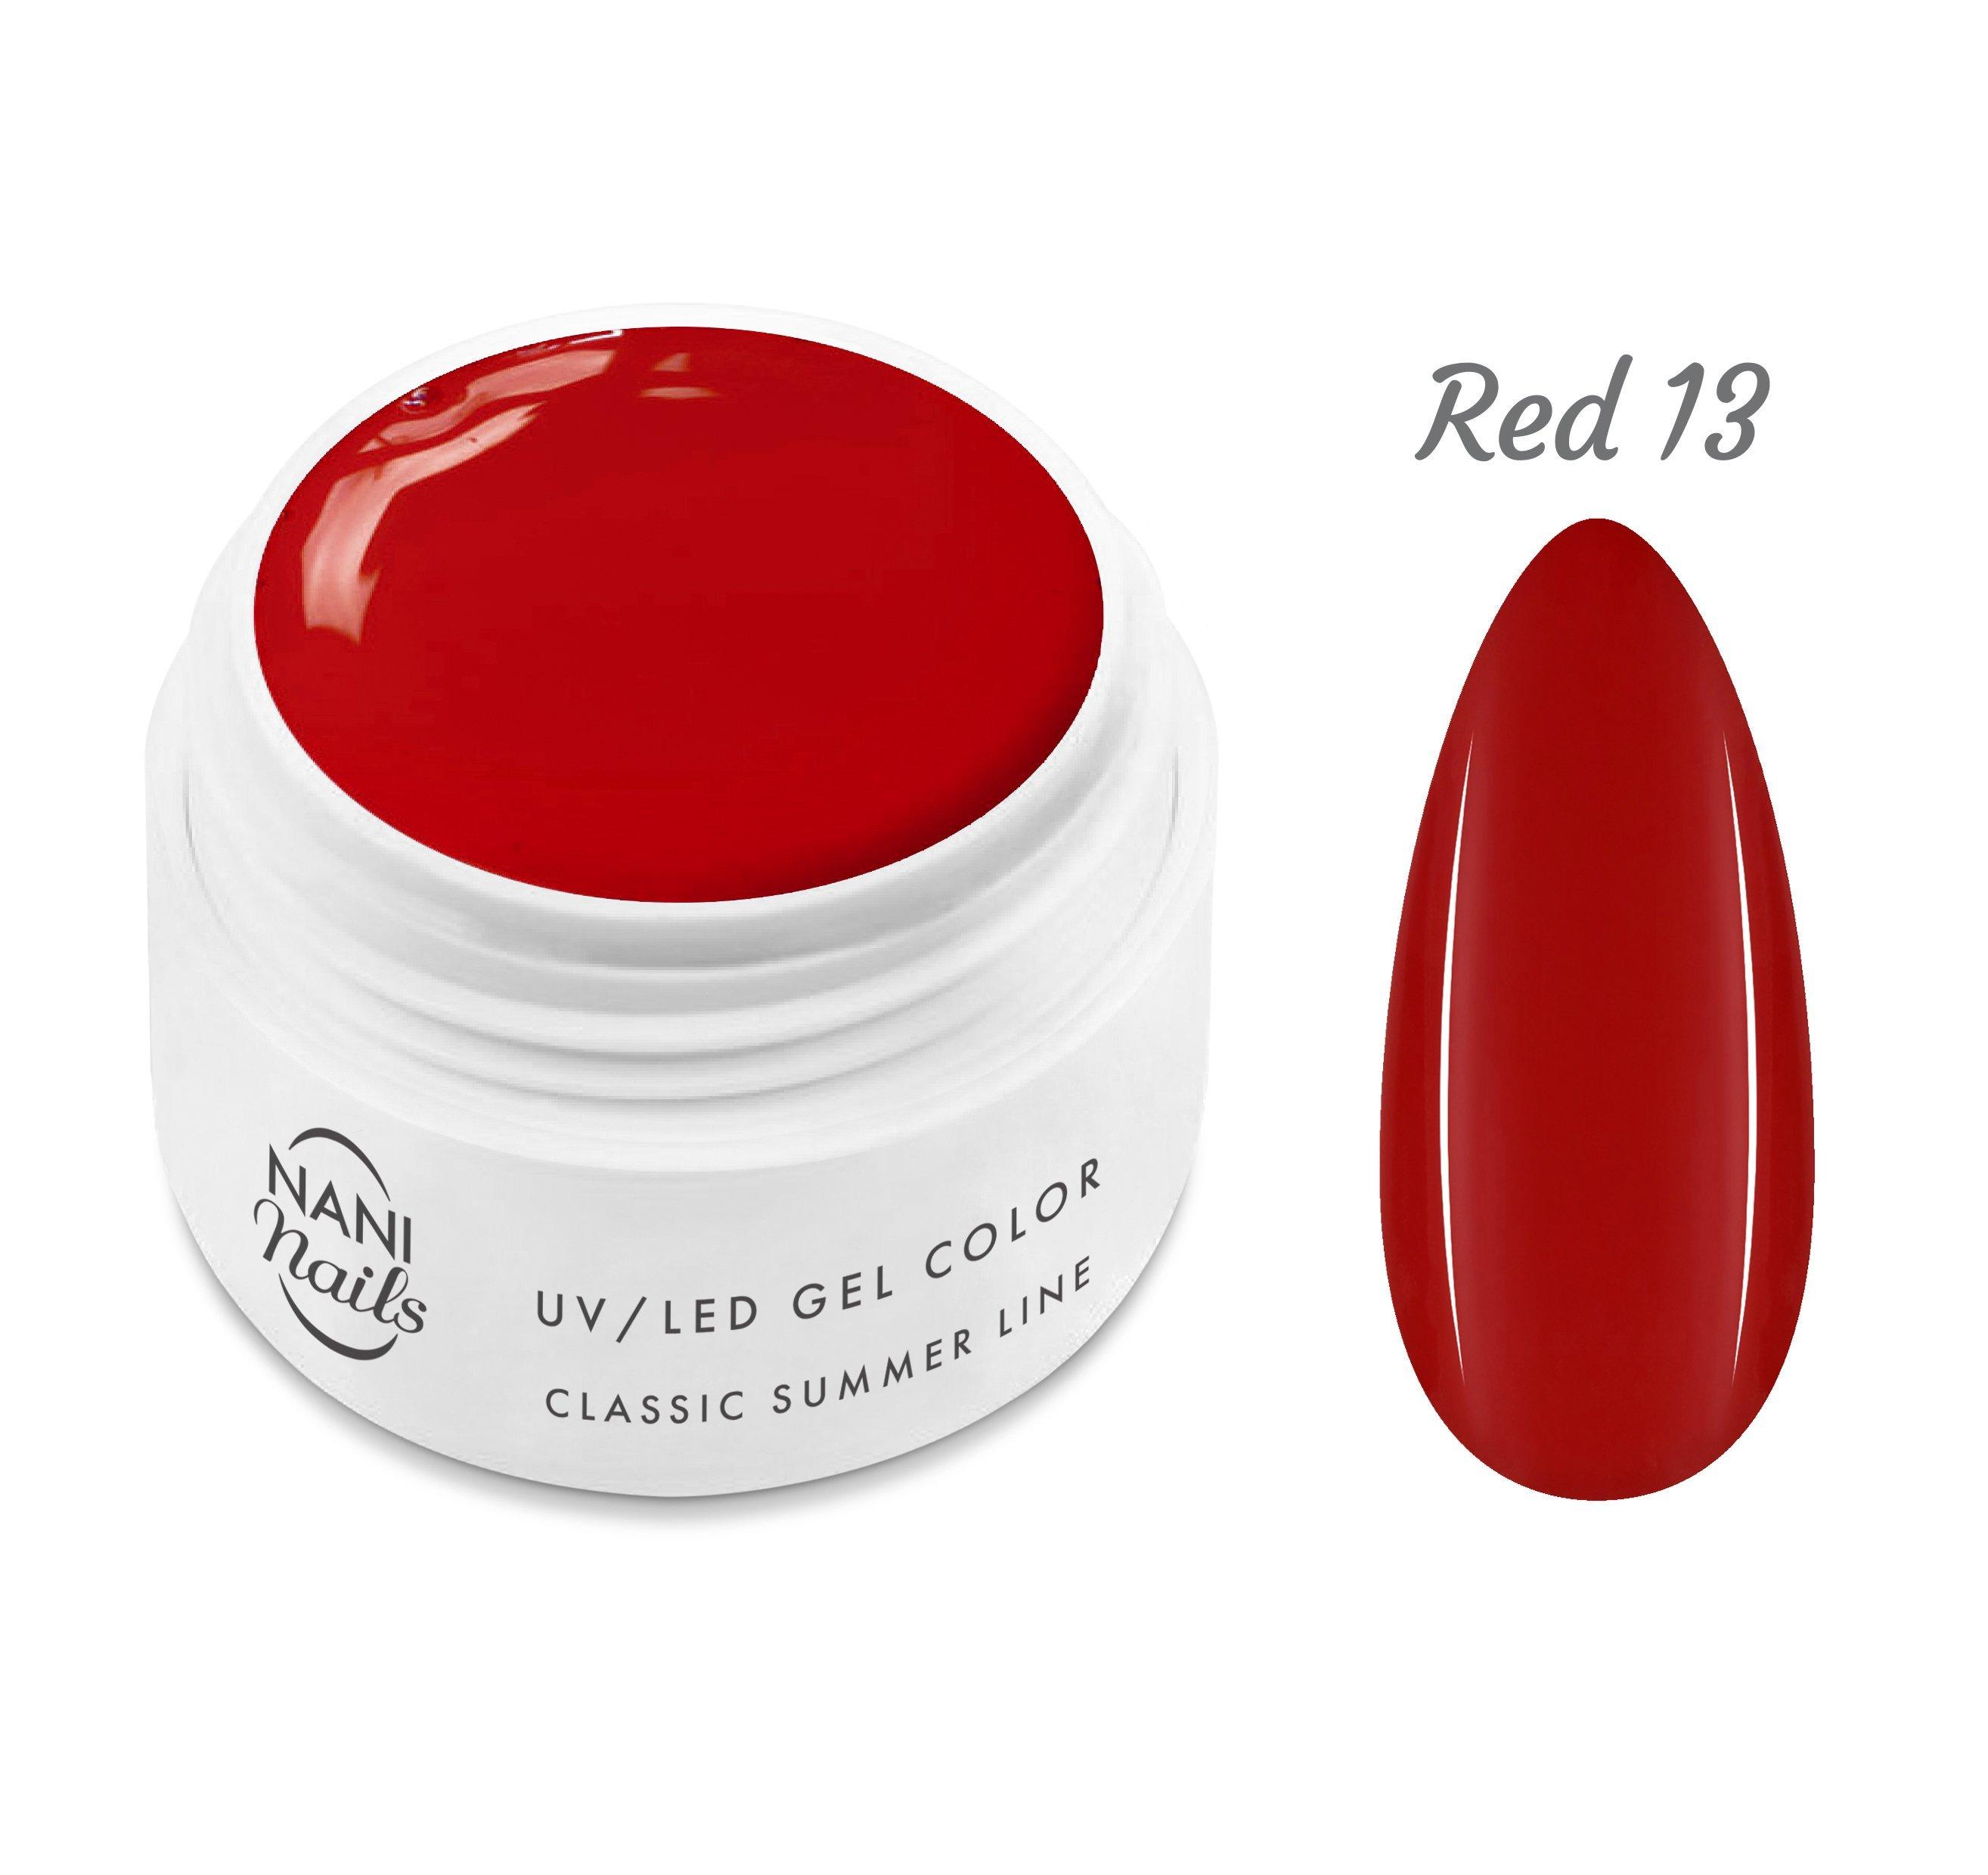 NANI UV gél Classic Summer Line 5 ml - Red